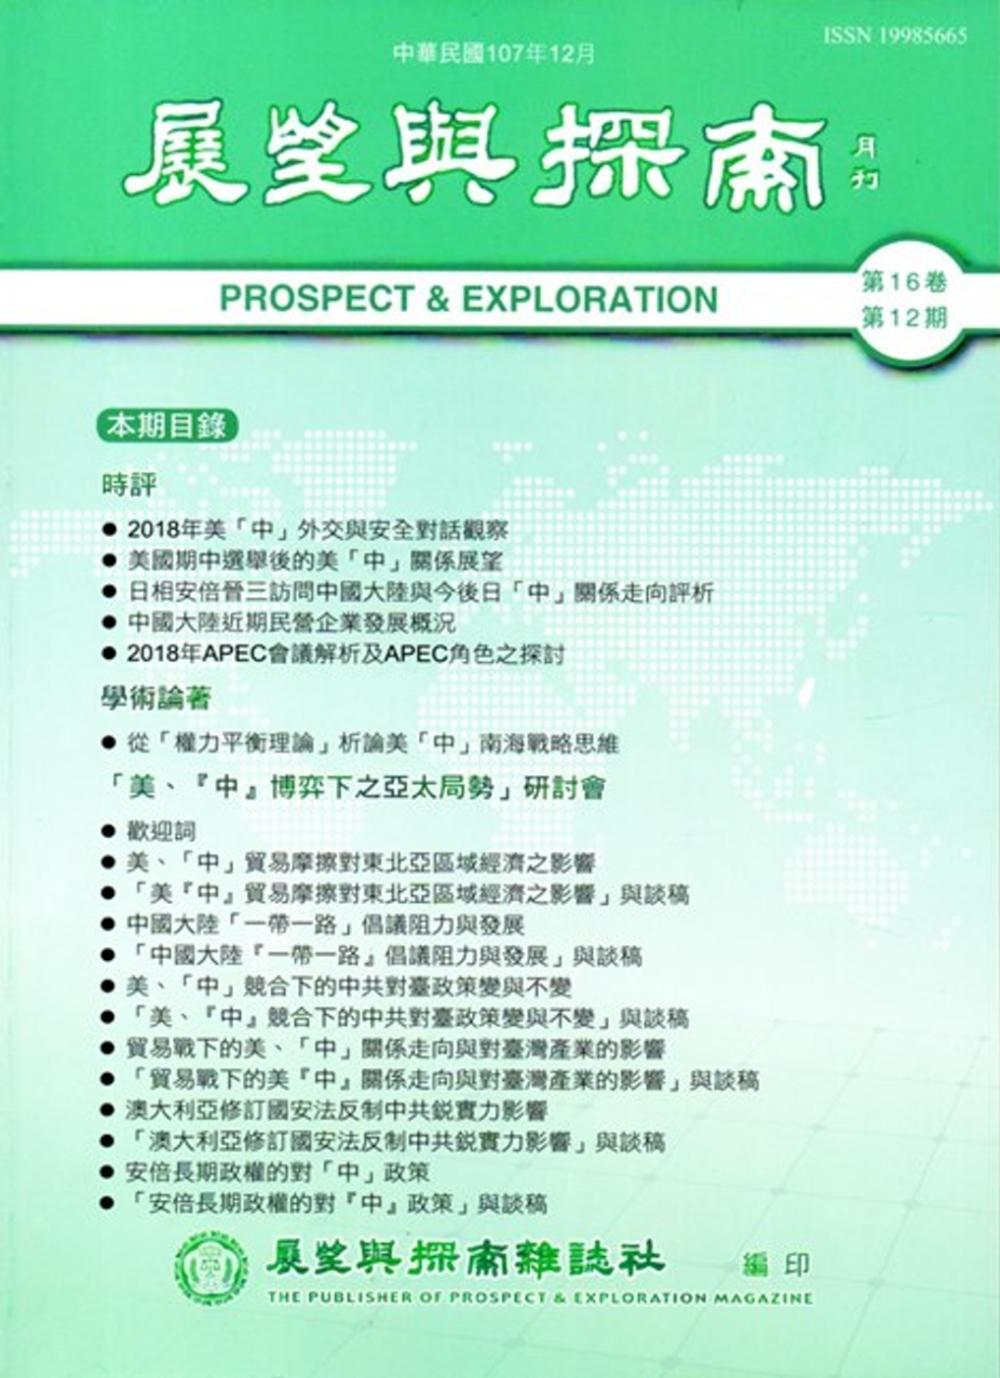 展望與探索月刊16卷12期(107/12)